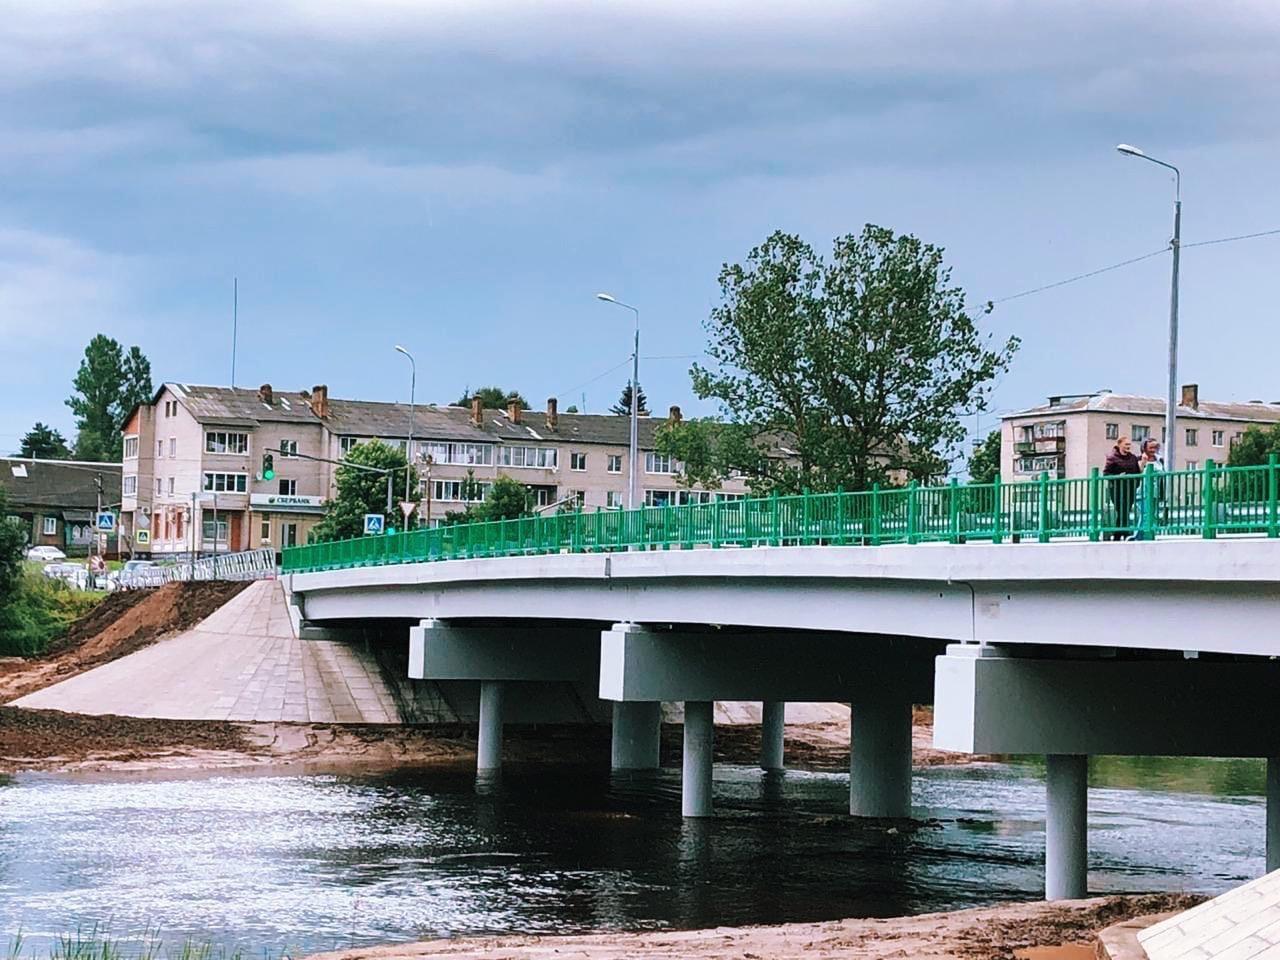 Дмитрий Миронов: в Большом Селе после капитального ремонта открыли мост через Юхоть